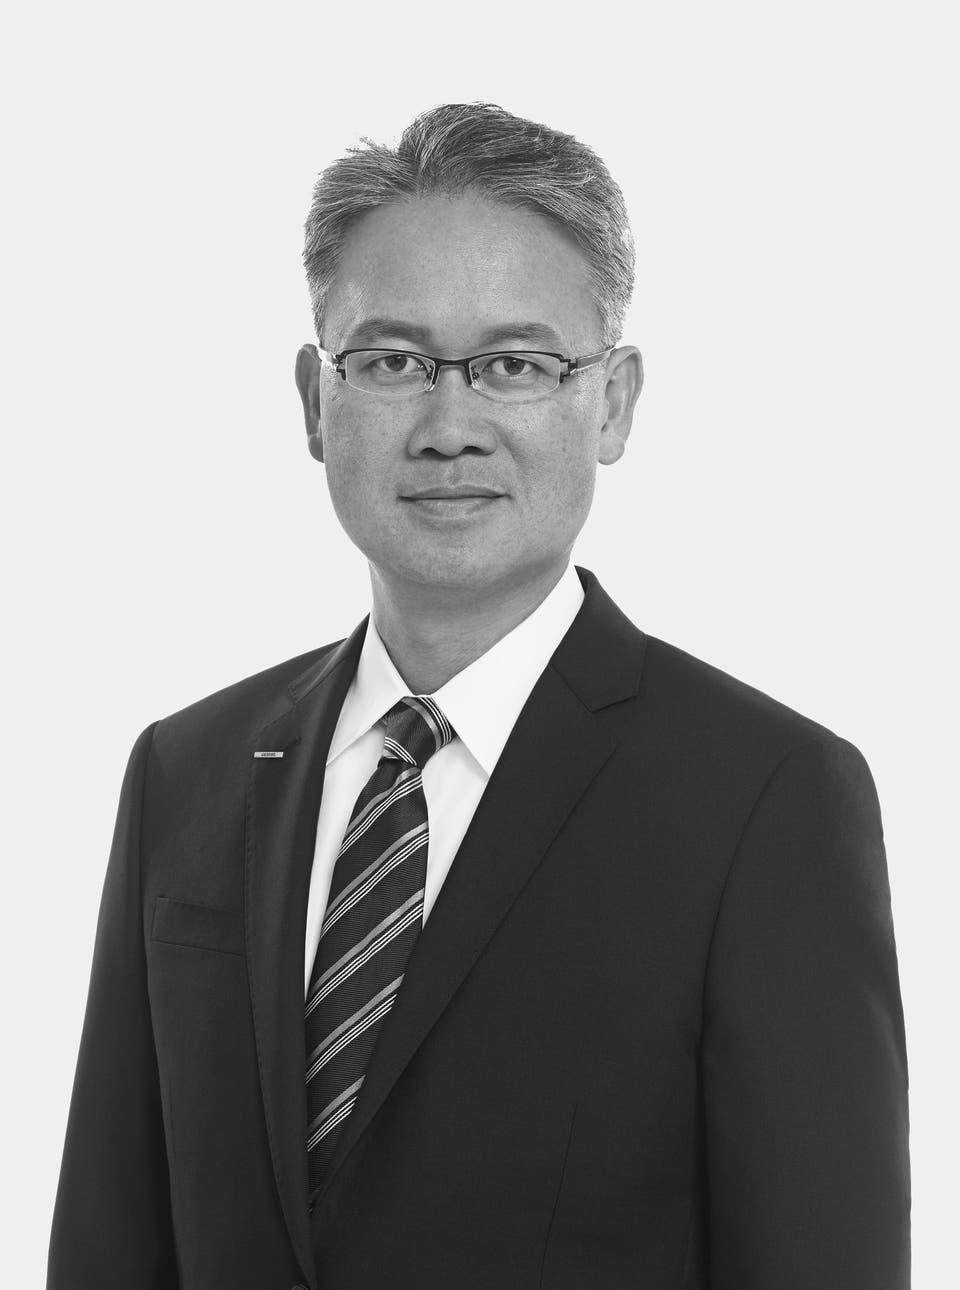 Yushin Soga, Director, Dentsu Inc.